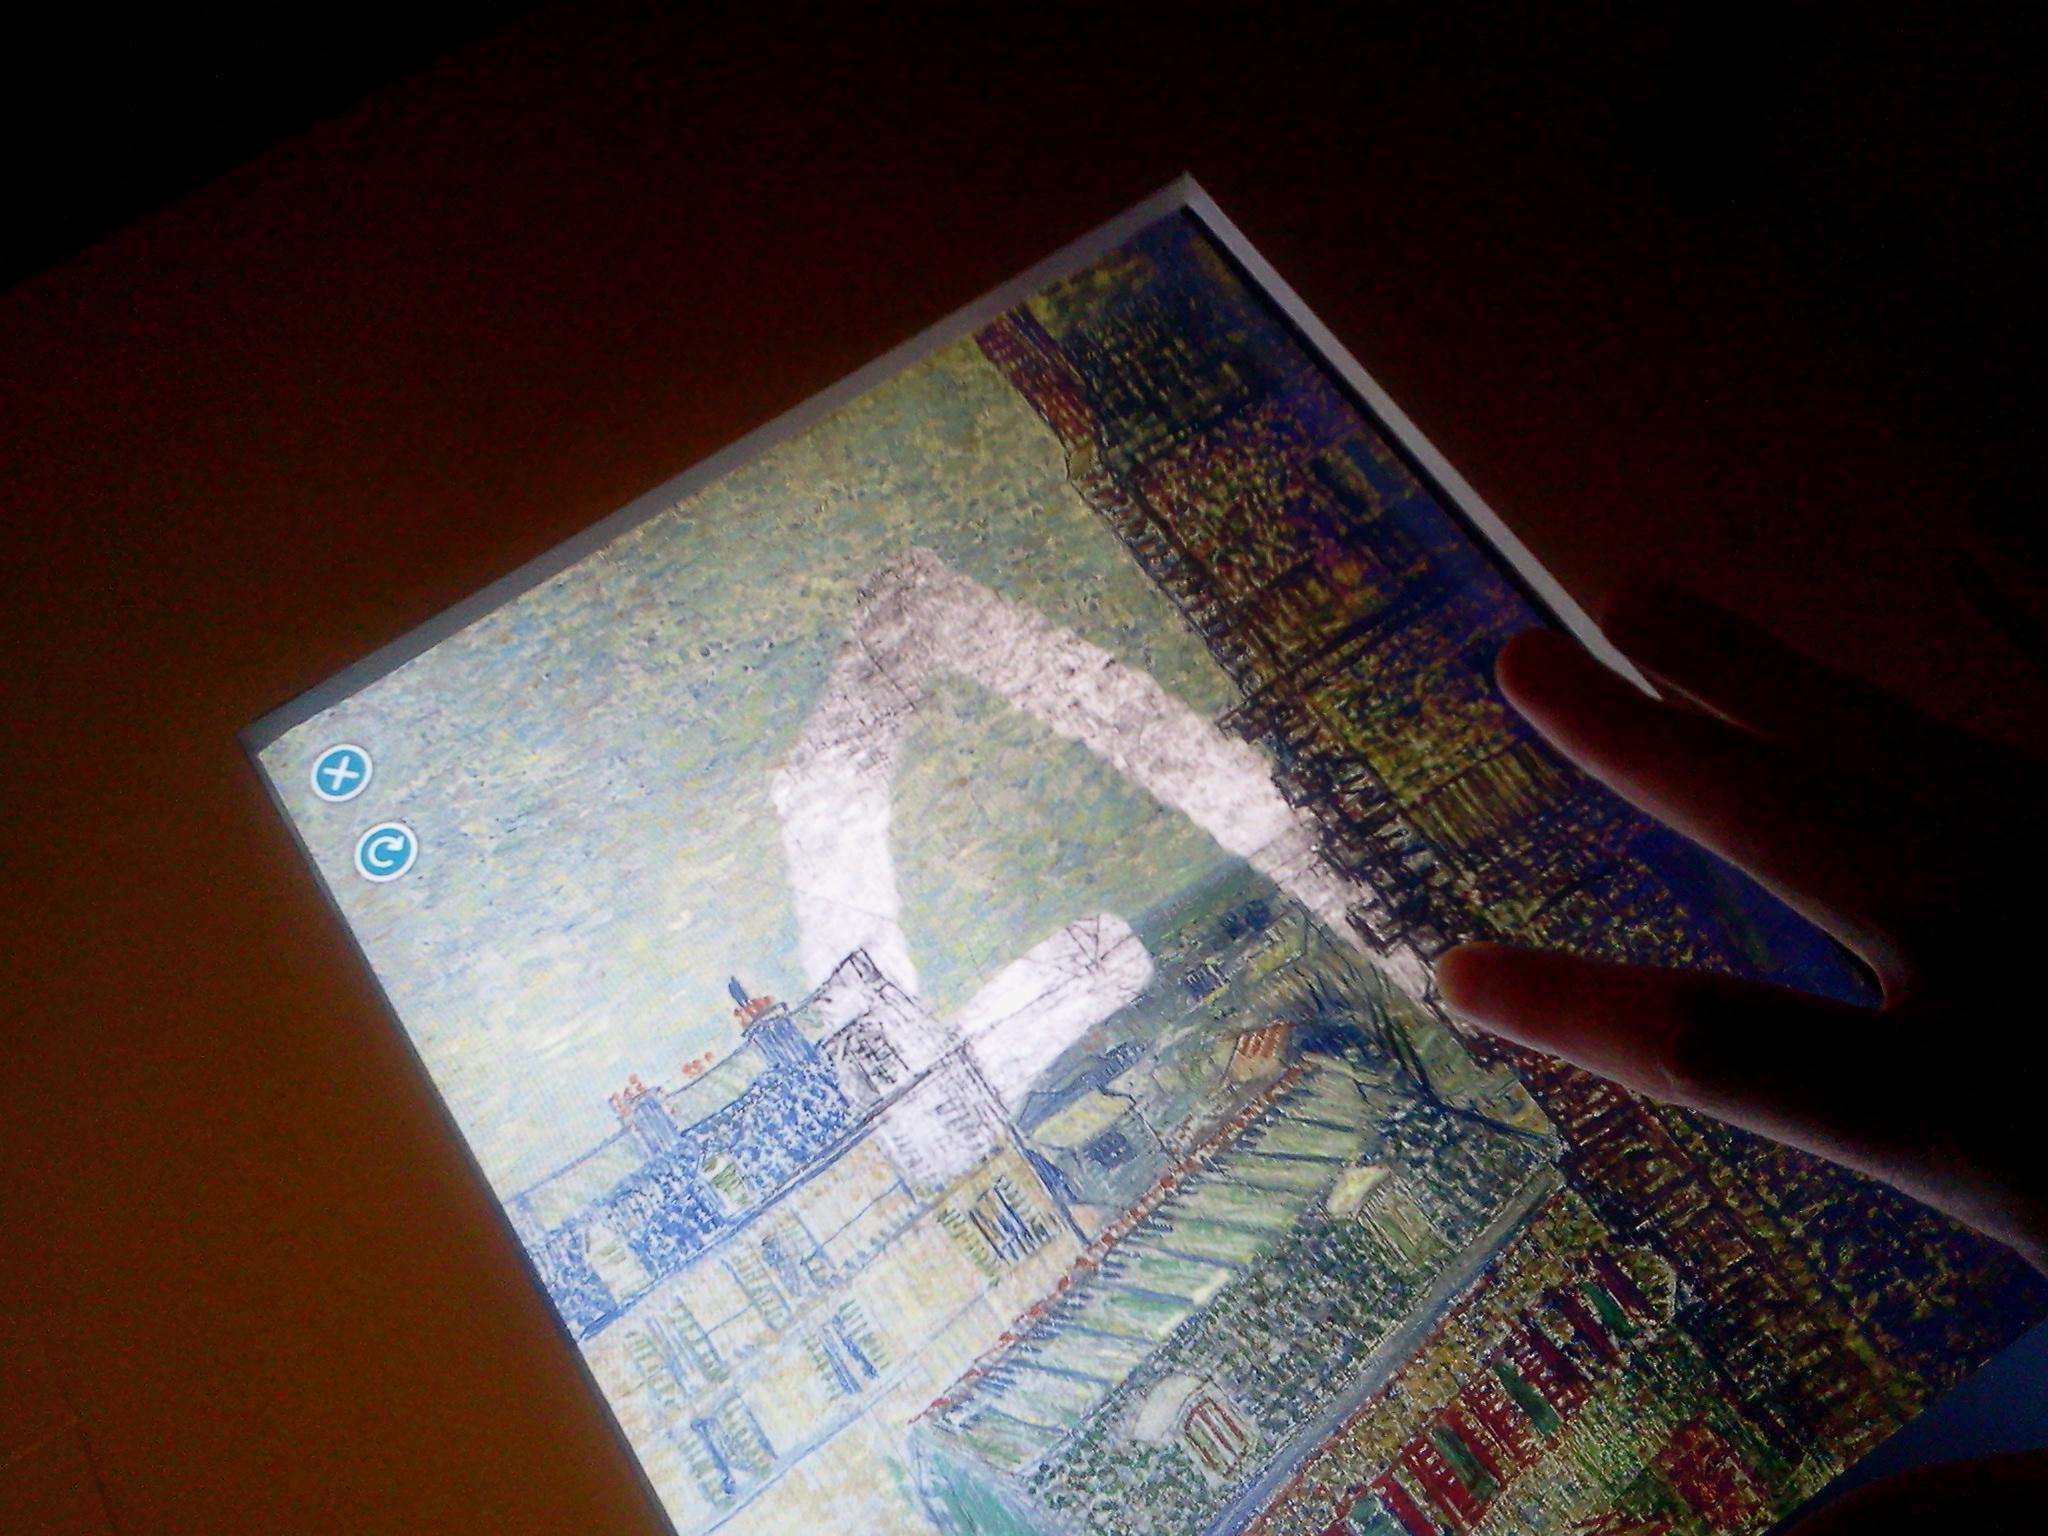 Pantalla interactiva en el Museo Van Gogh. Ámsterdam.